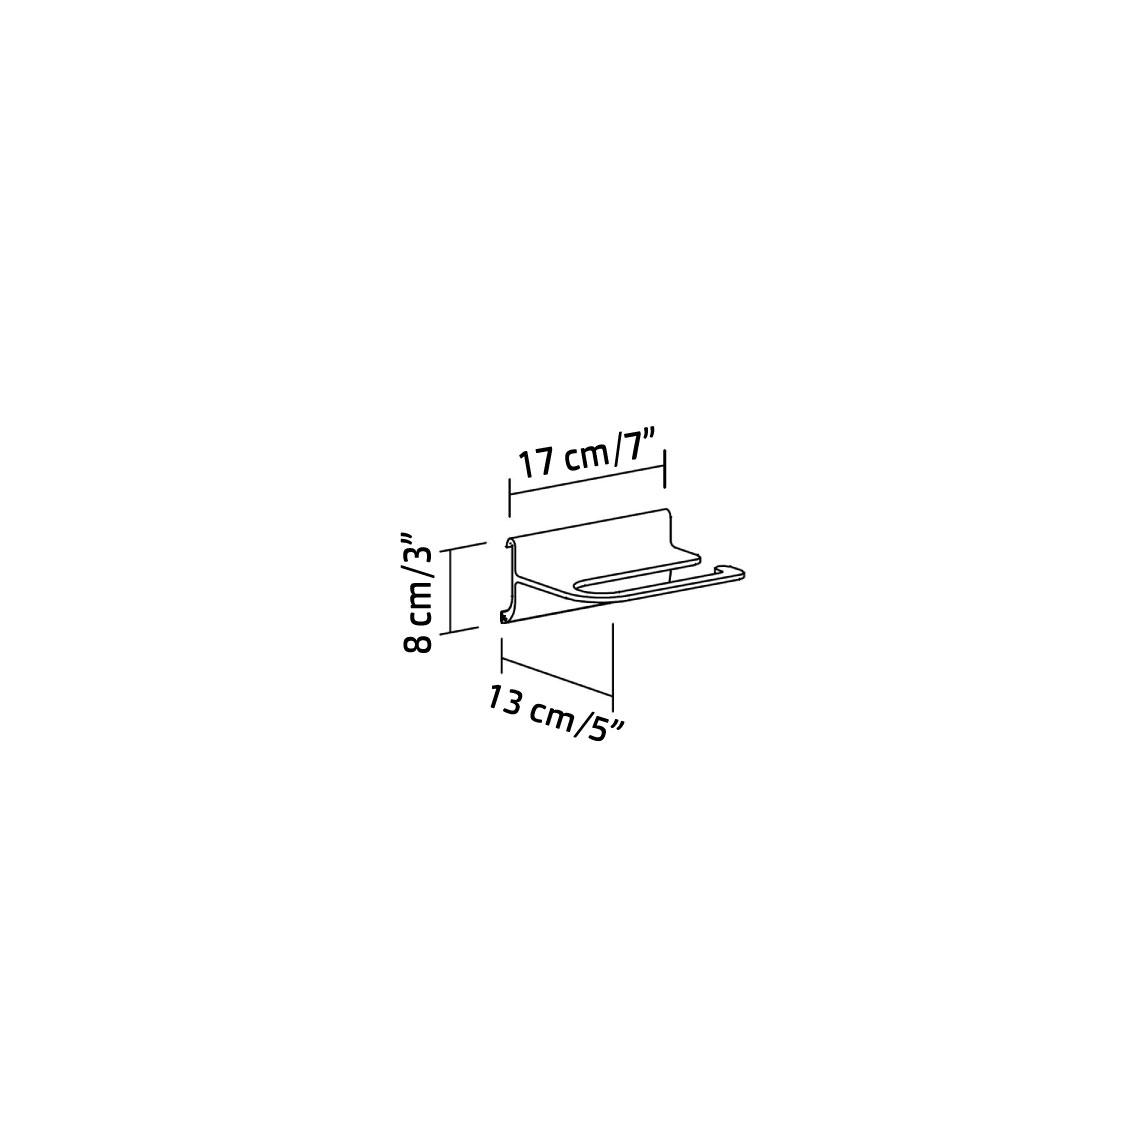 21-321-70-toilet-paper-holder-for-horizontal-track-diagram